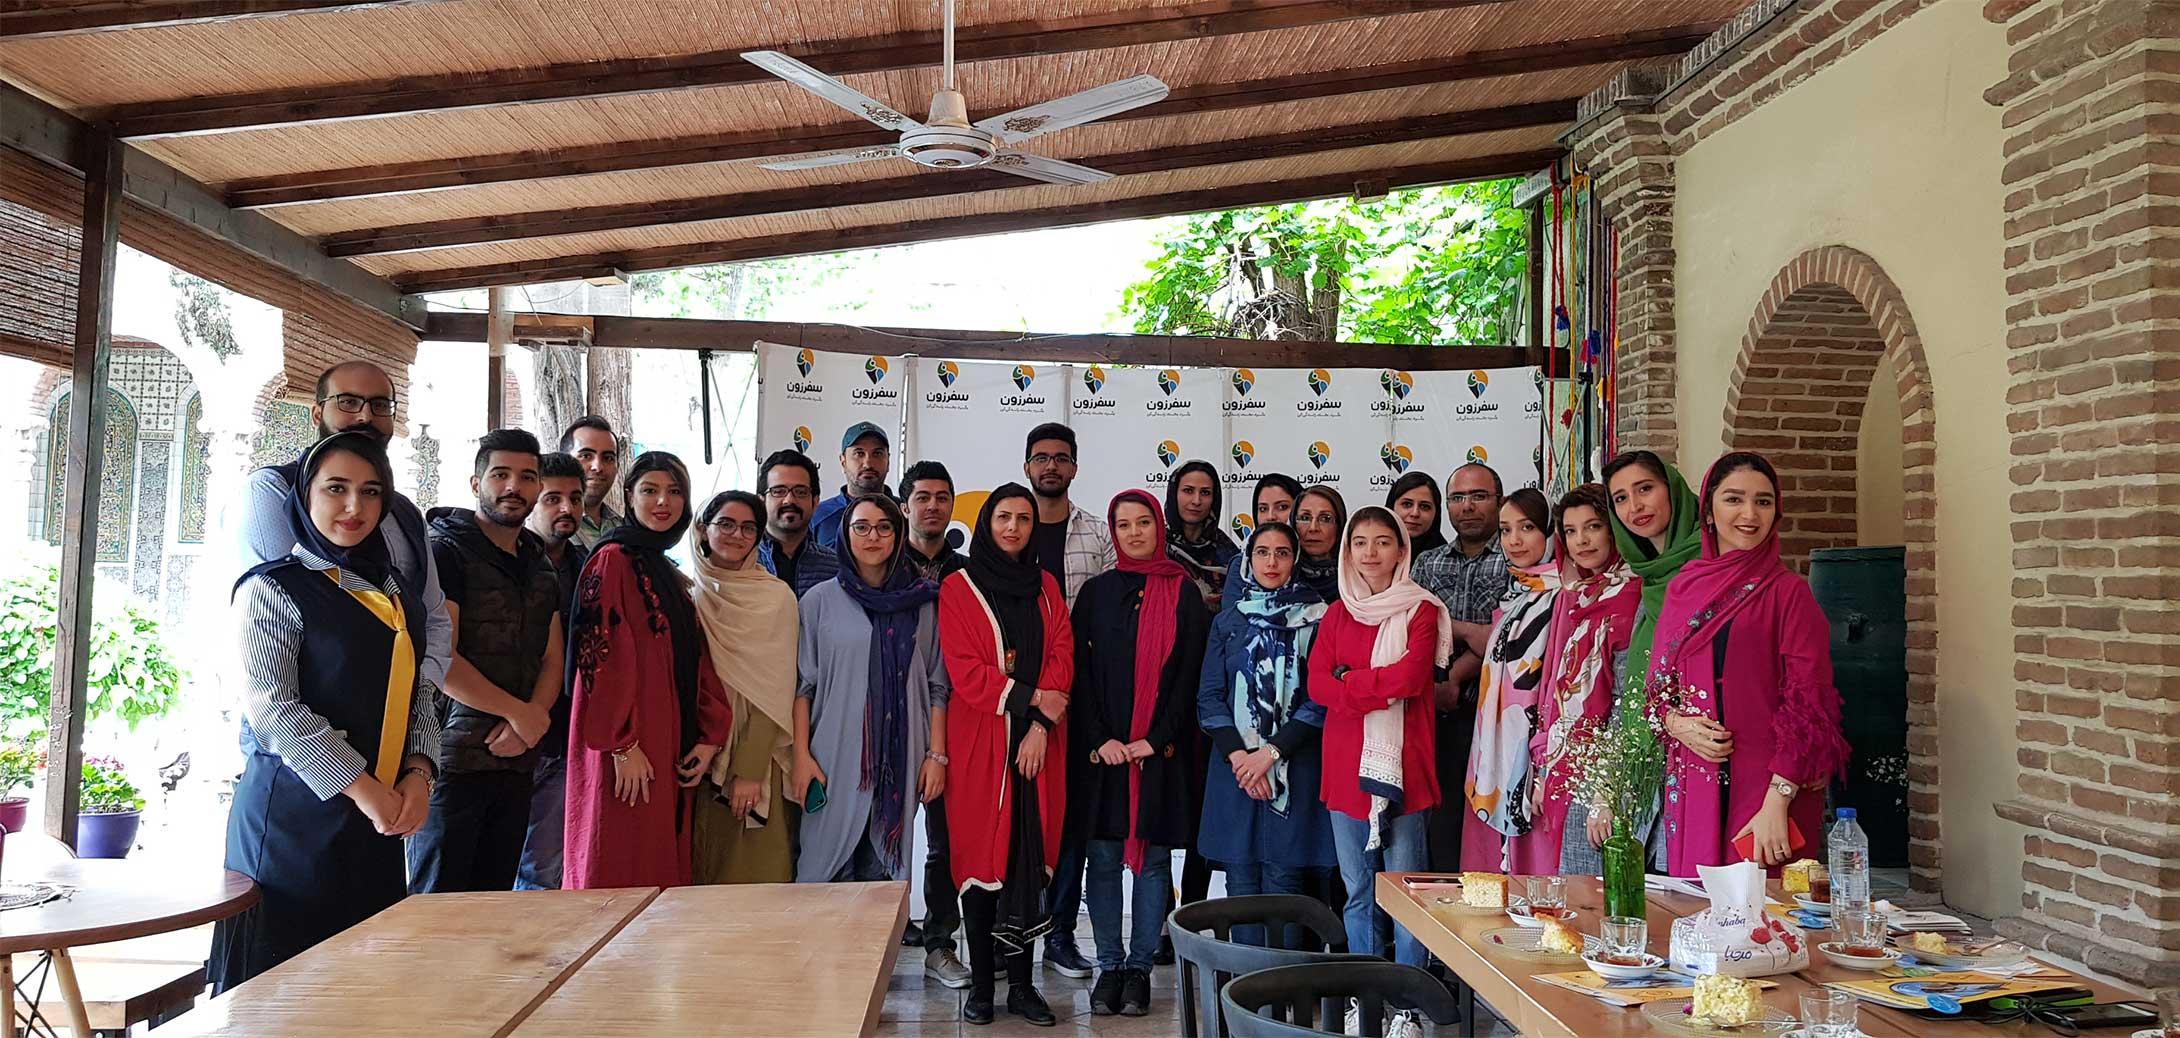 ۱۷۰۰ جاذبه، مشارکتی به وسعت تمام ایران